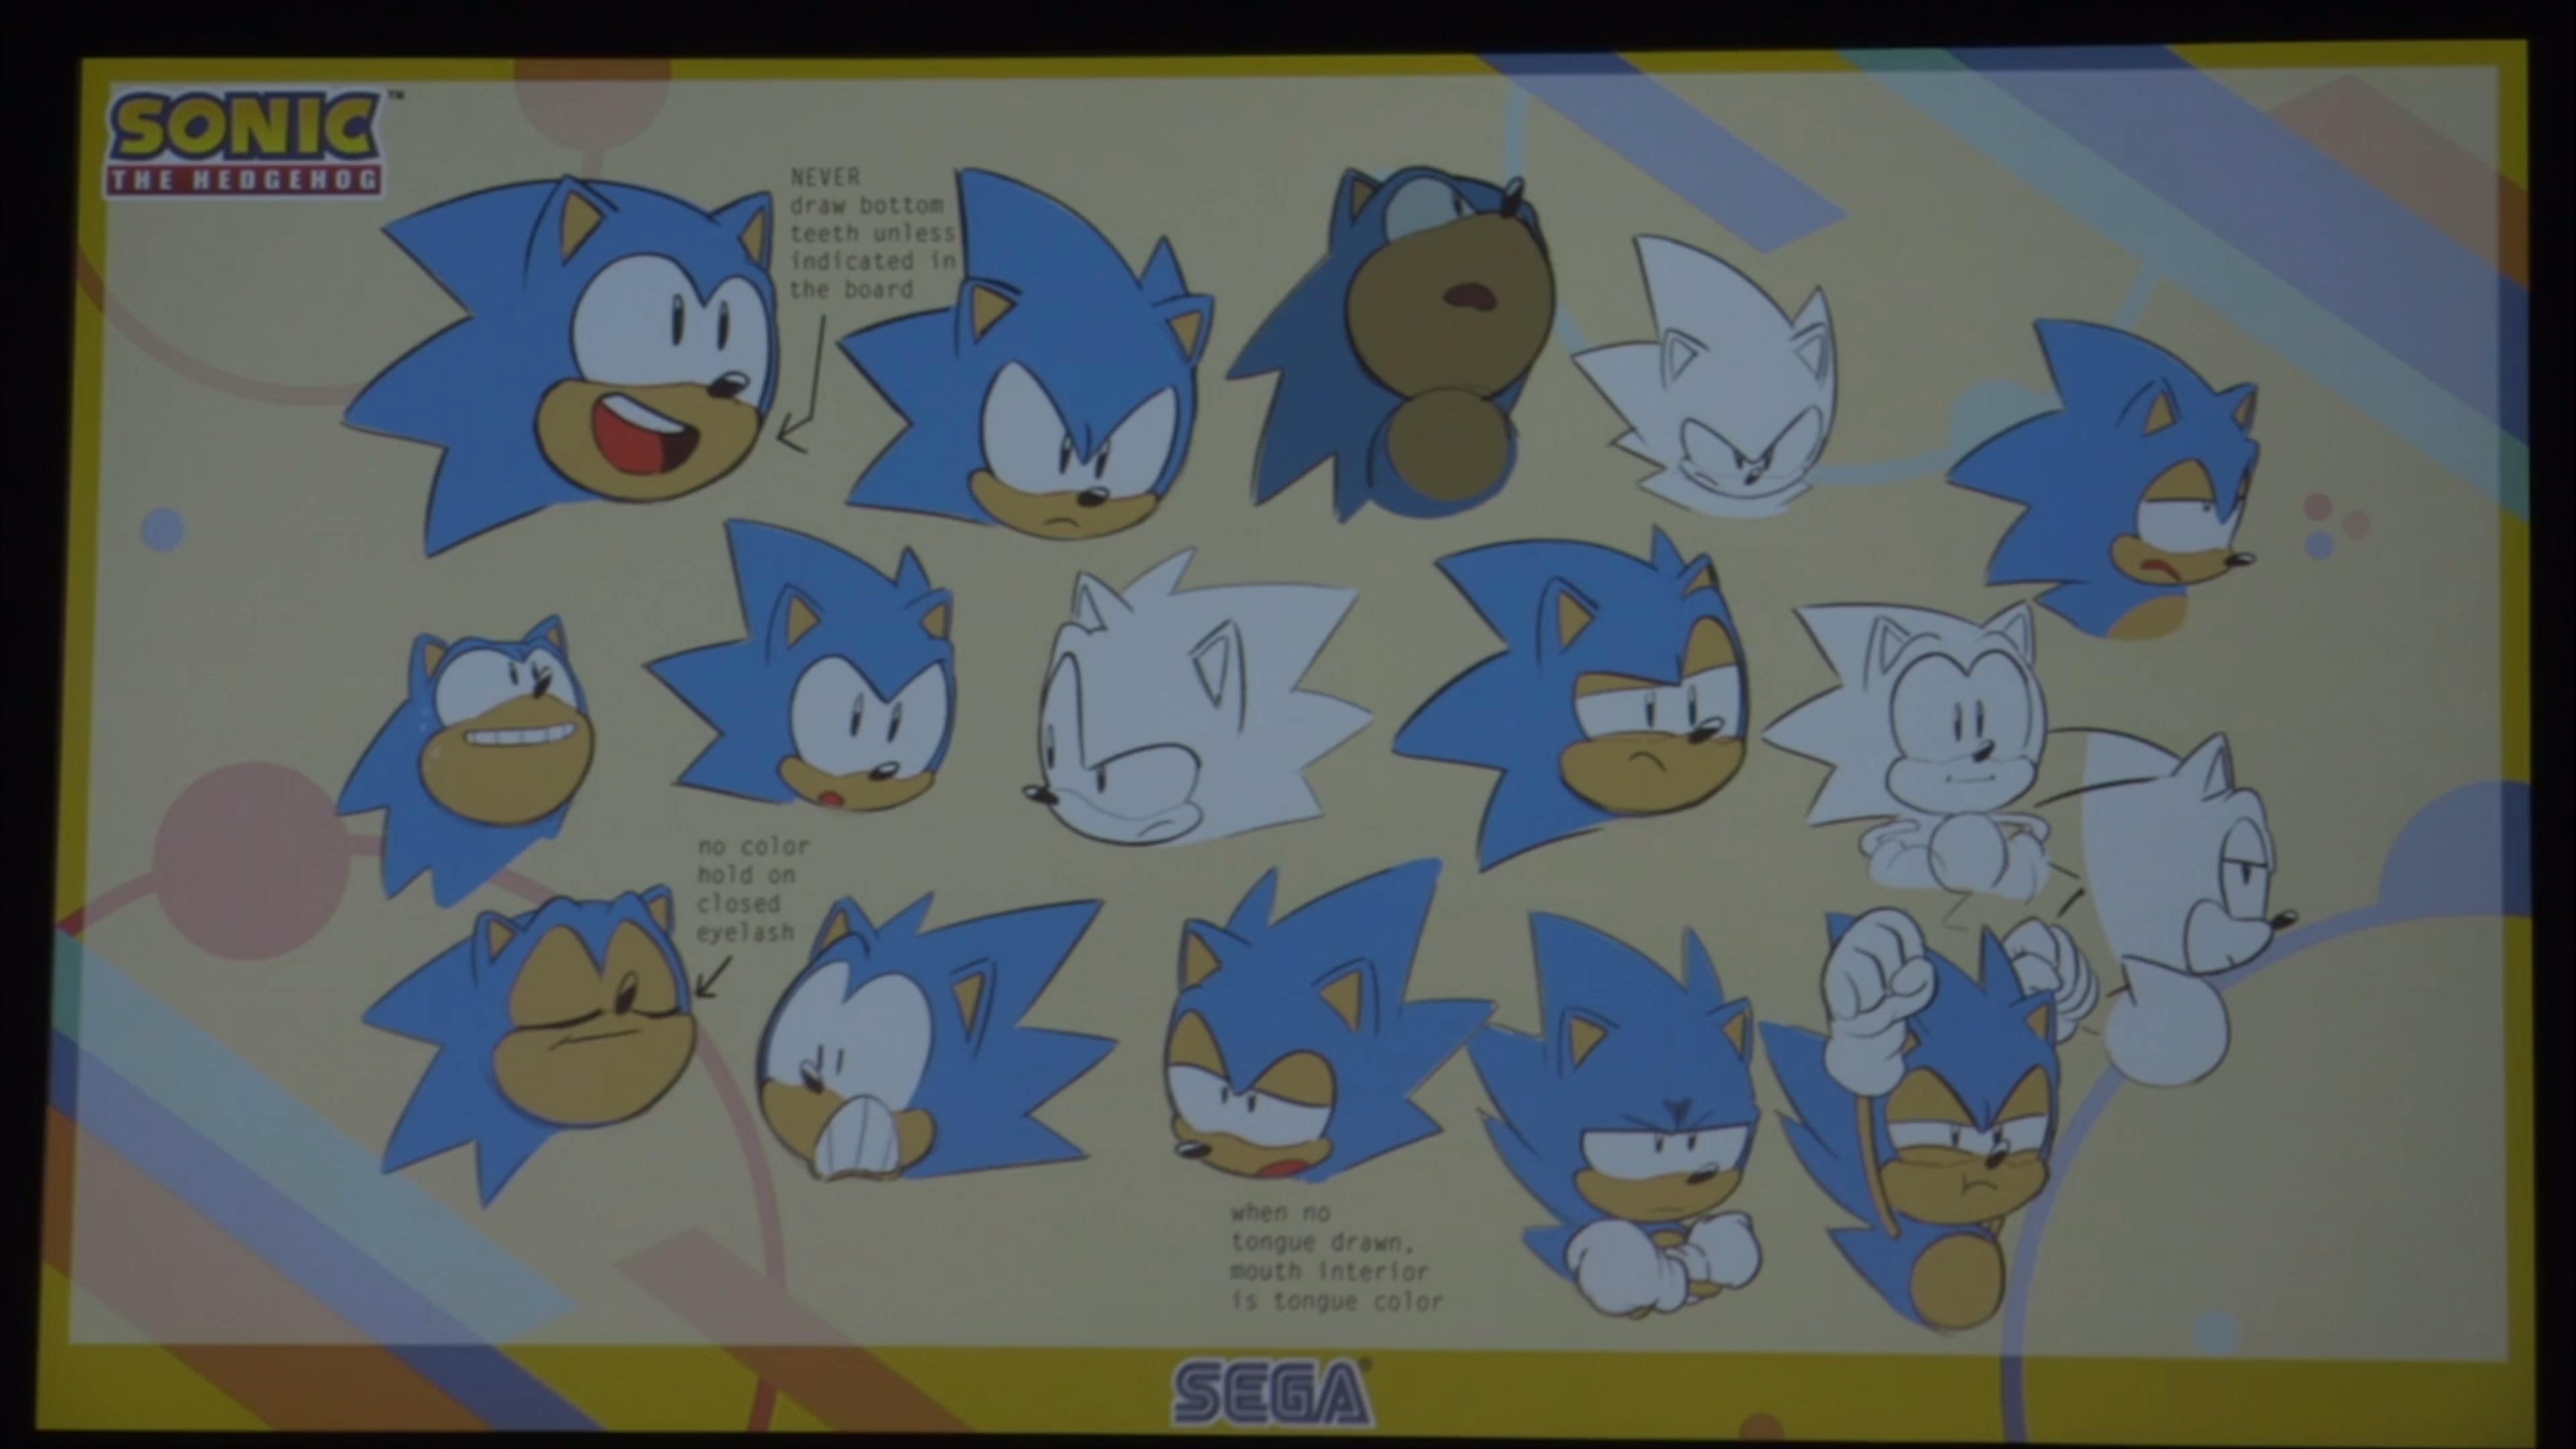 Sega Annonce Une S 233 Rie De Courts M 233 Trages Anim 233 S Sonic